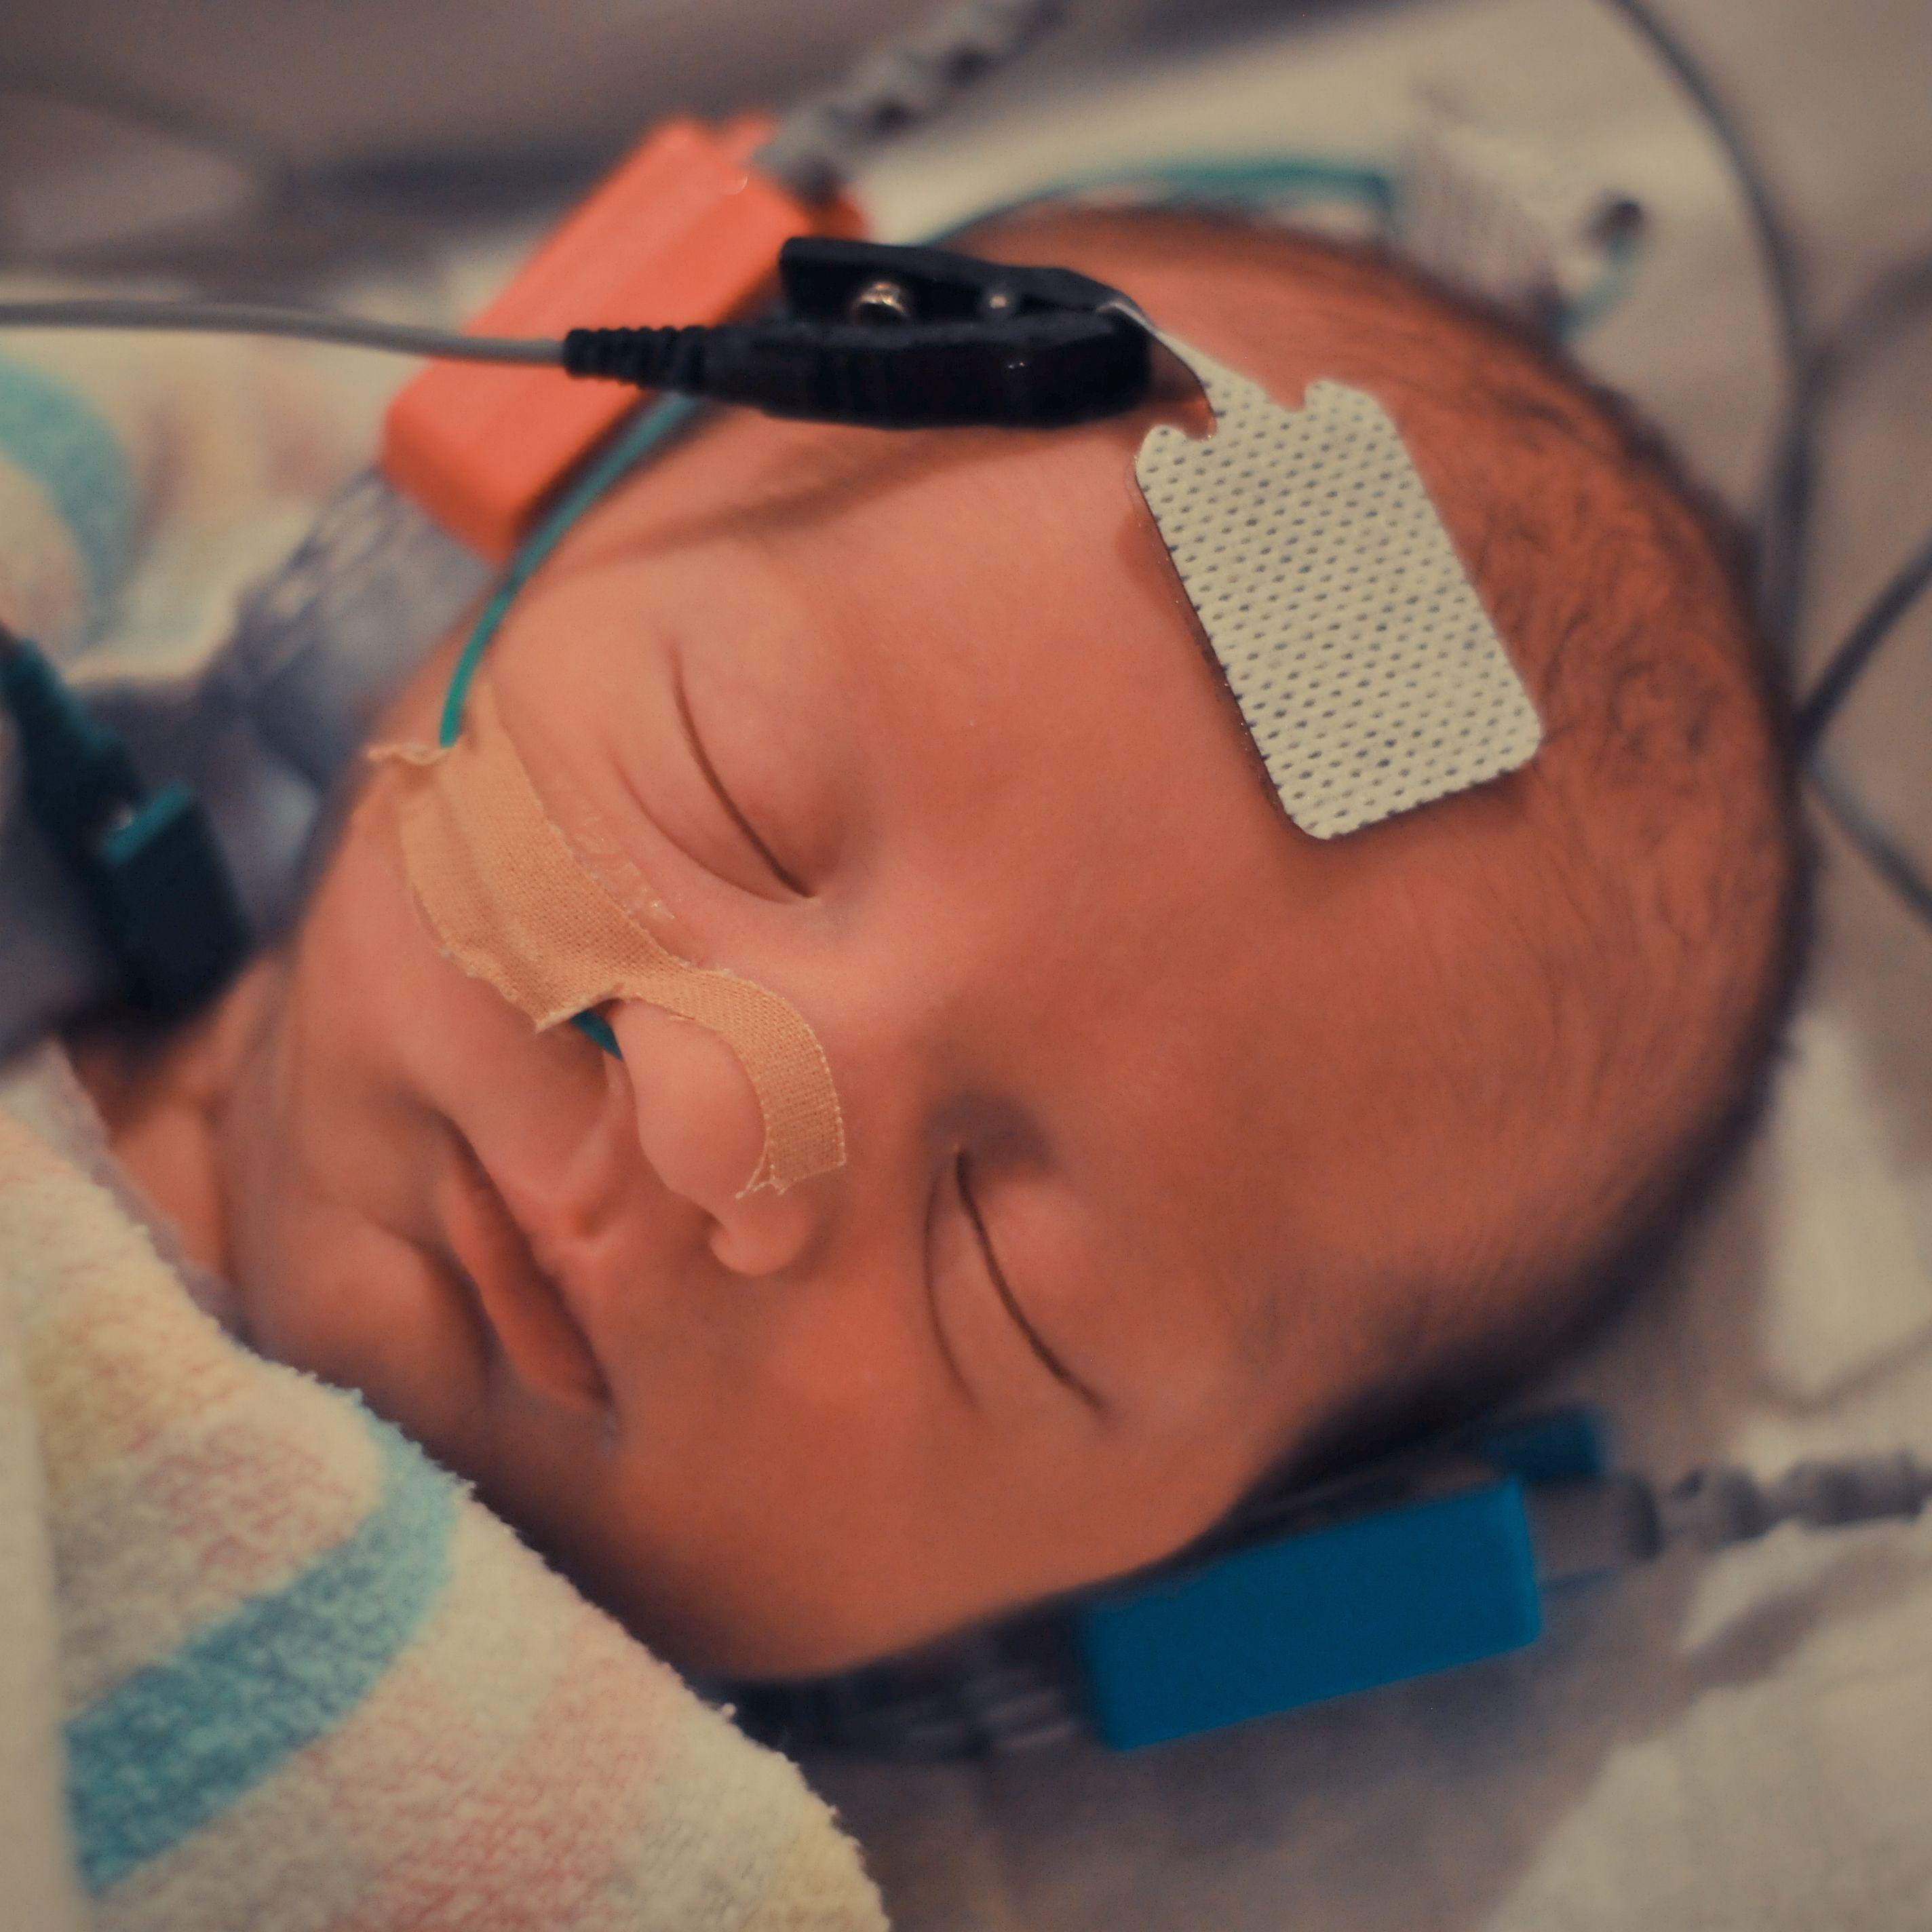 BAER (Brainstem Auditory Evoked Response) Hearing Test